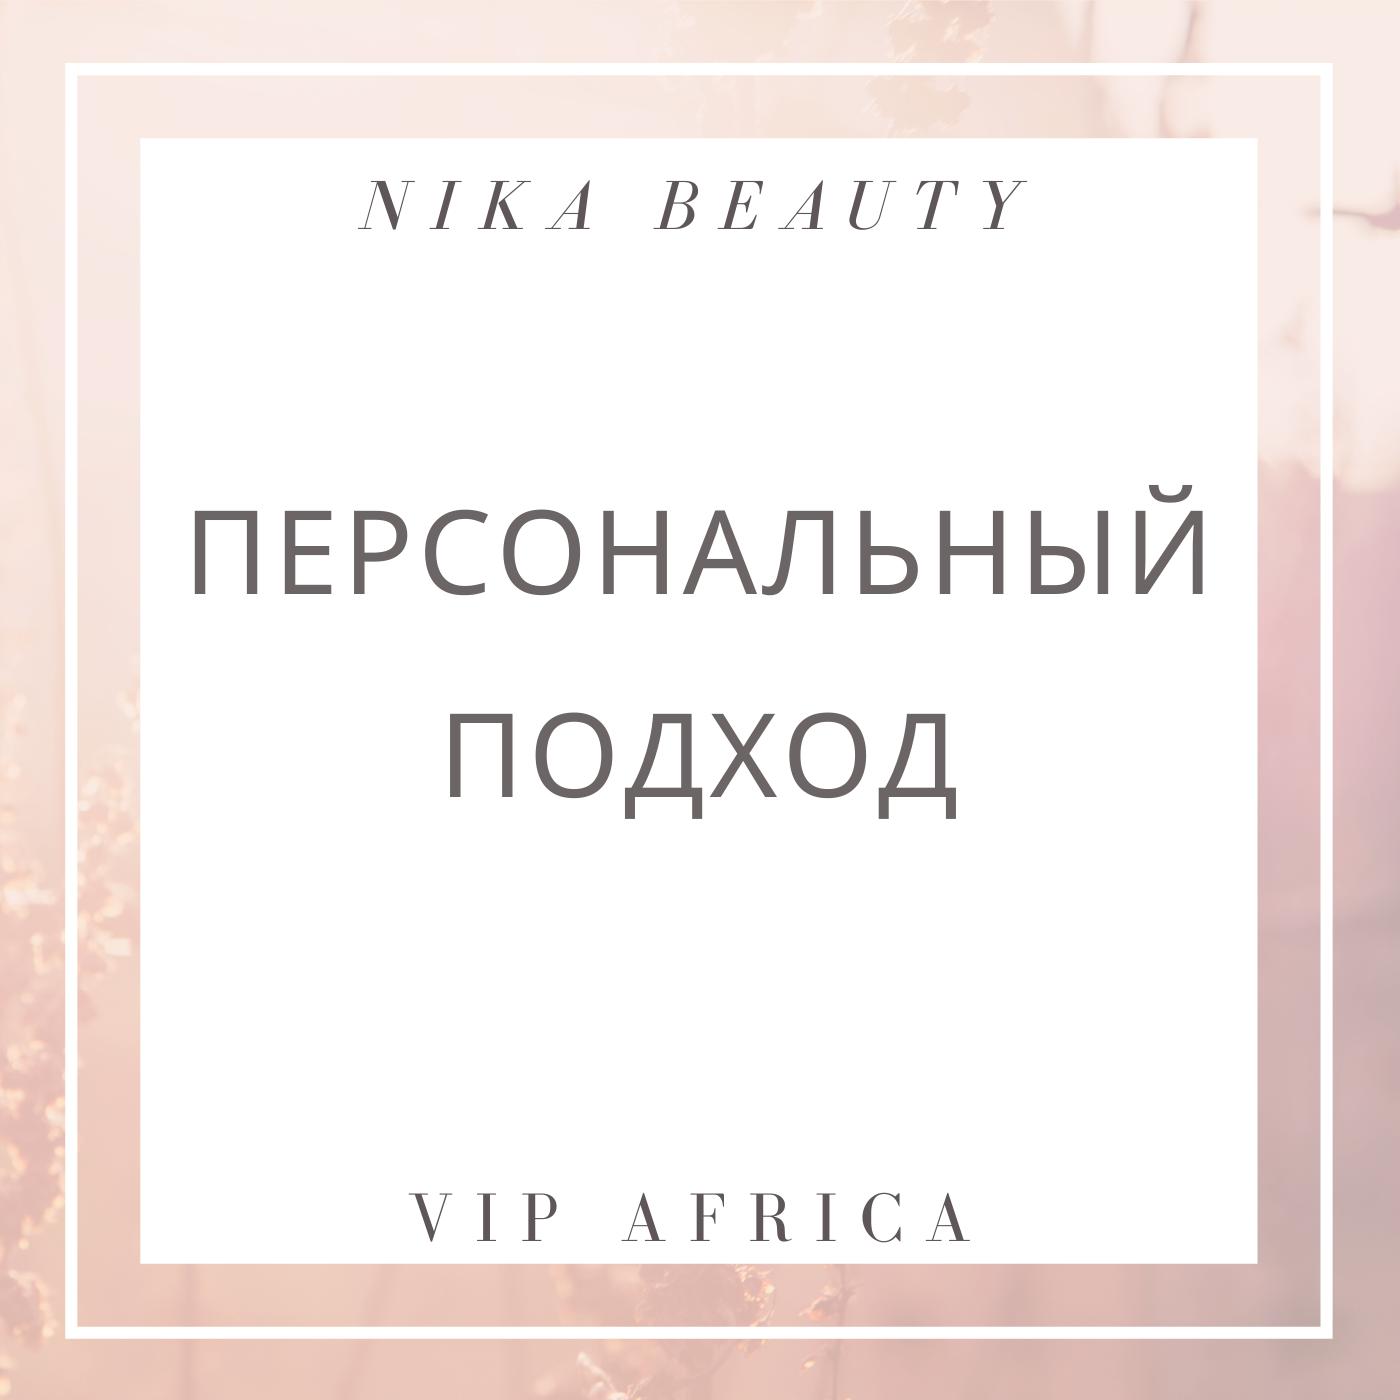 курсы в сфере красоты в салонах Ника и Африка